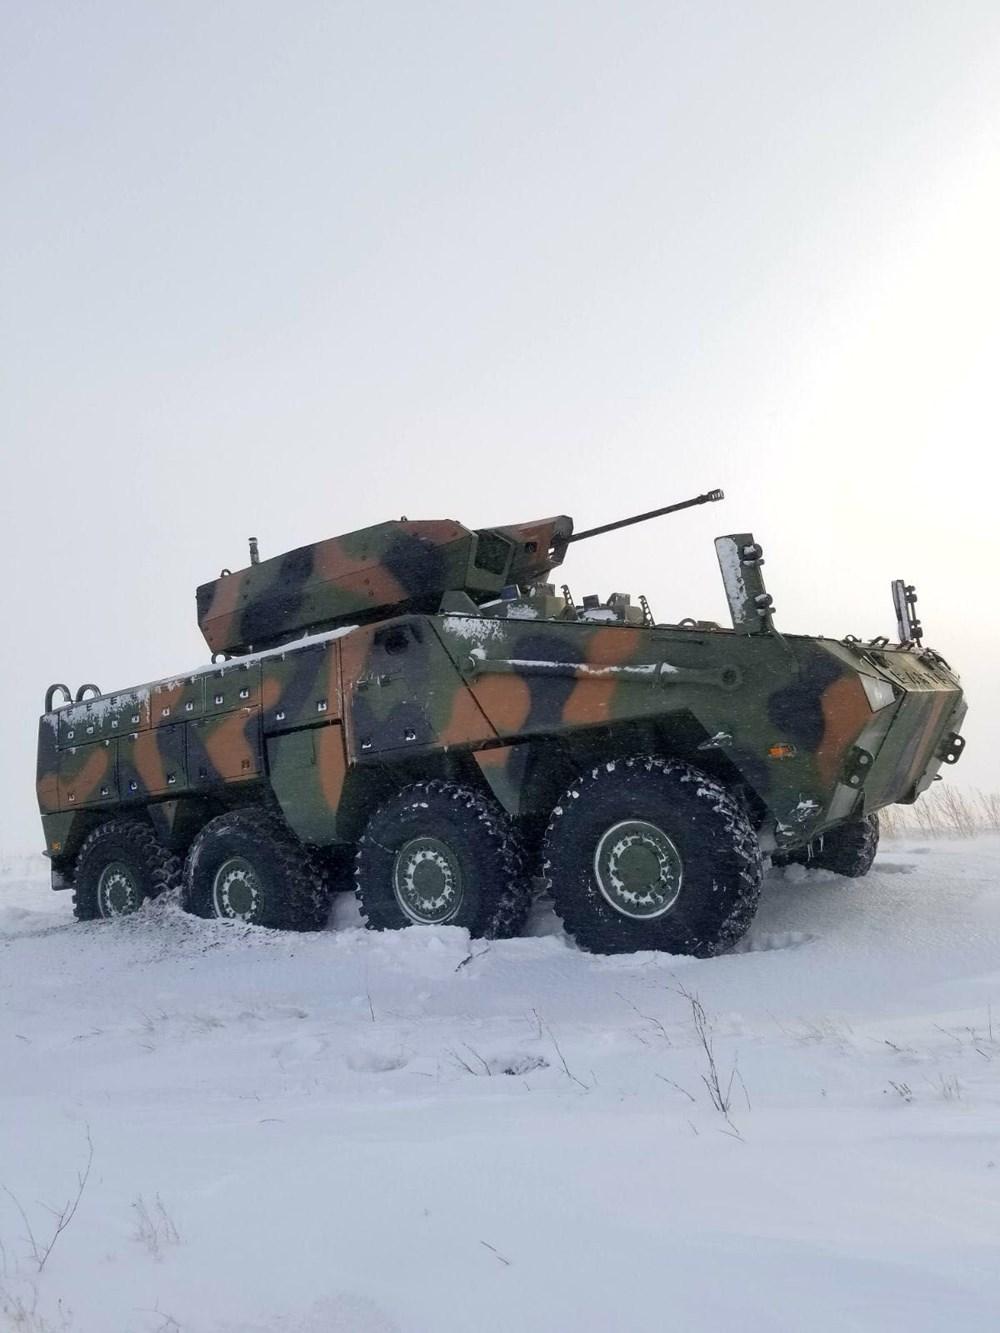 'Beton delici mühimmat' SARB-83 testi geçti (Türkiye'nin yeni nesil silahları) - 146